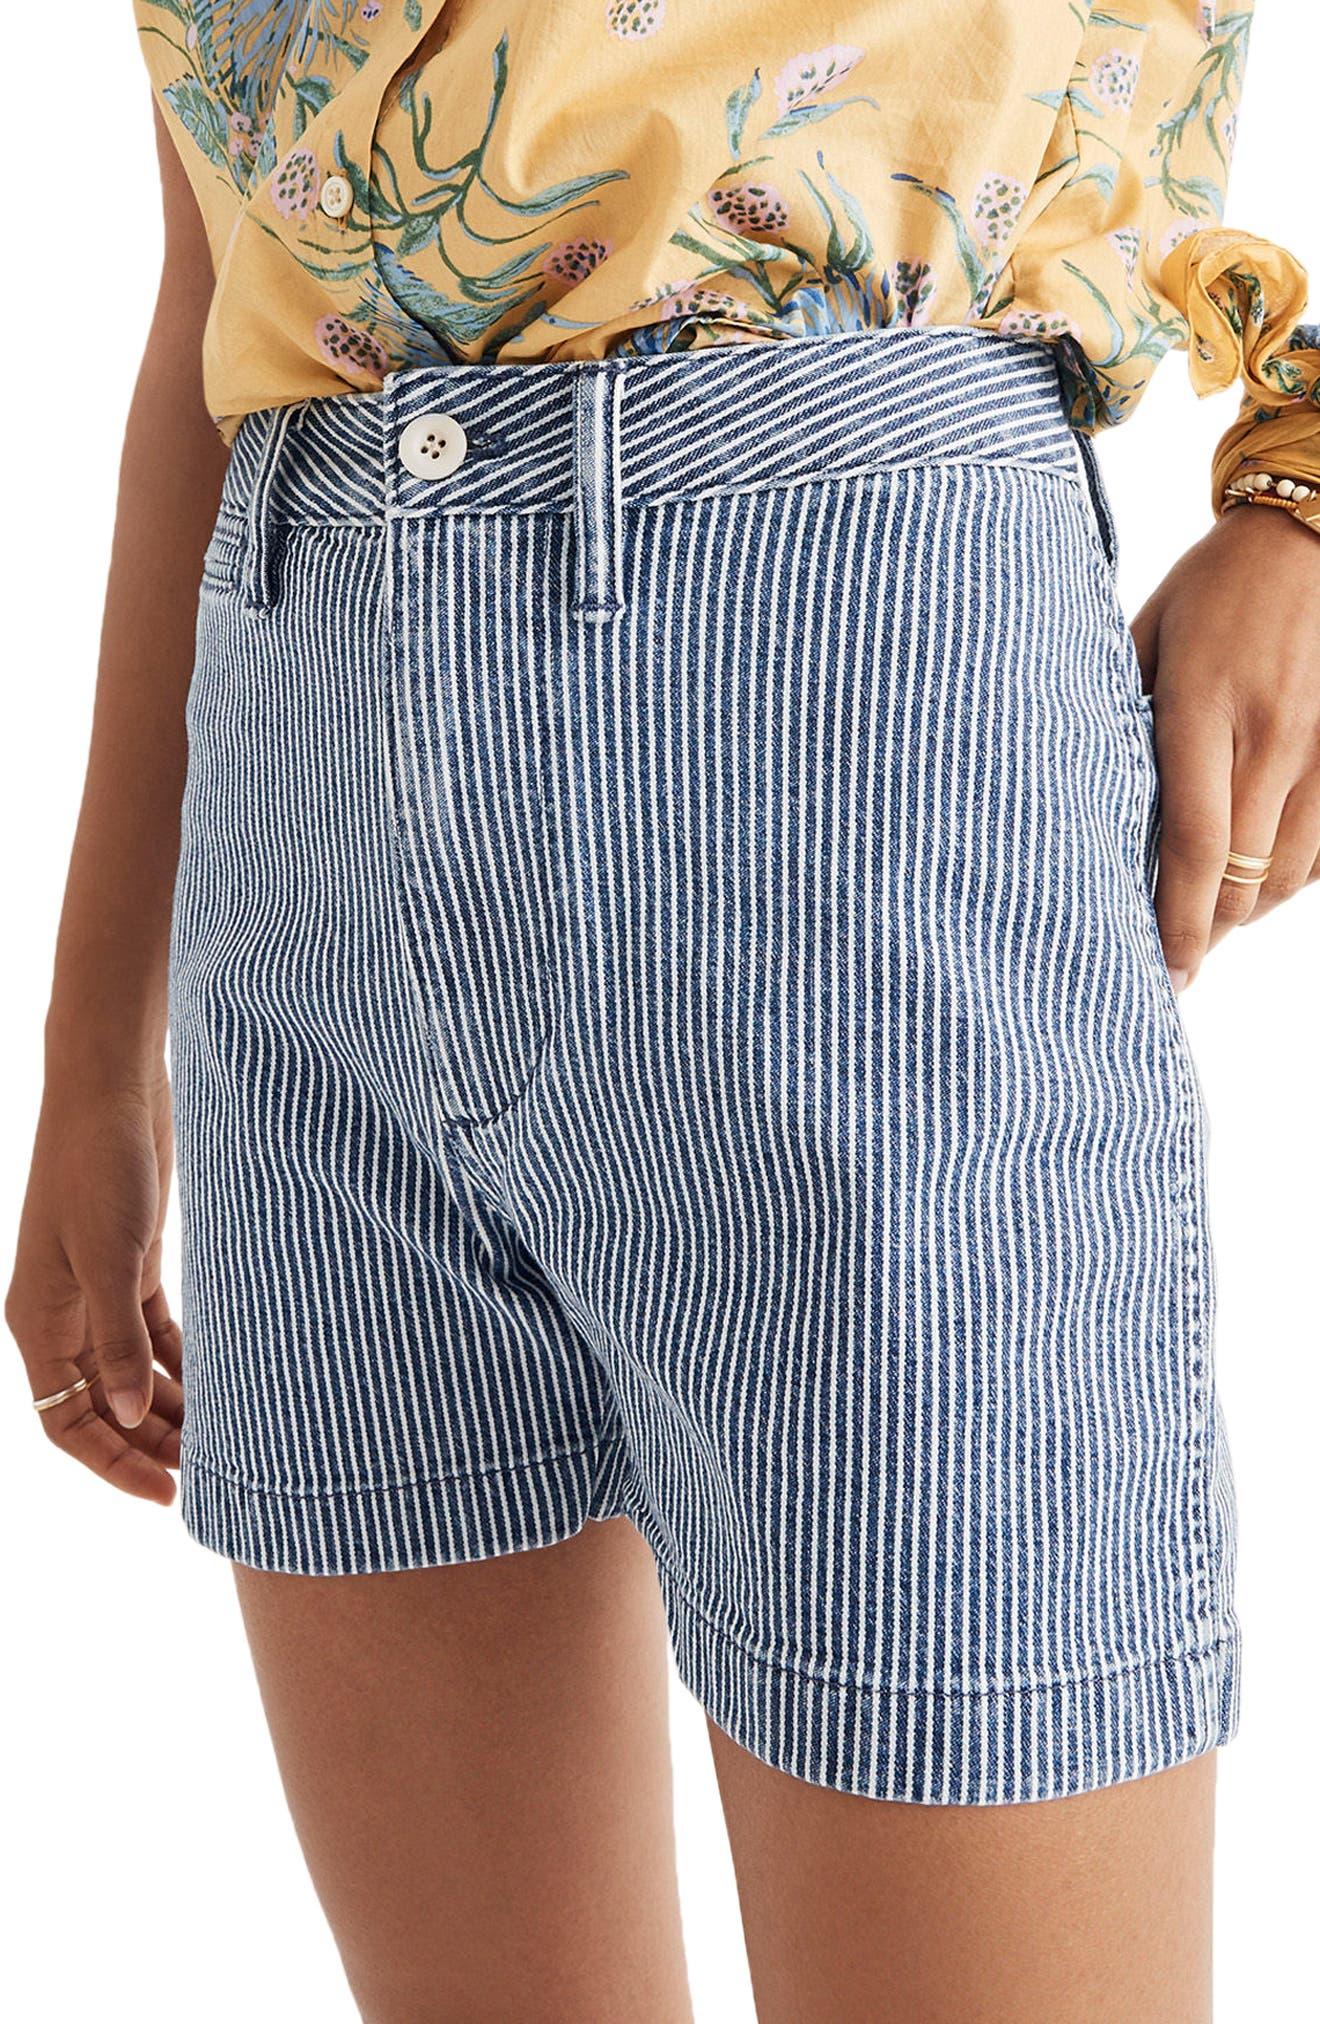 Emmett Stripe Denim Shorts,                             Alternate thumbnail 3, color,                             400